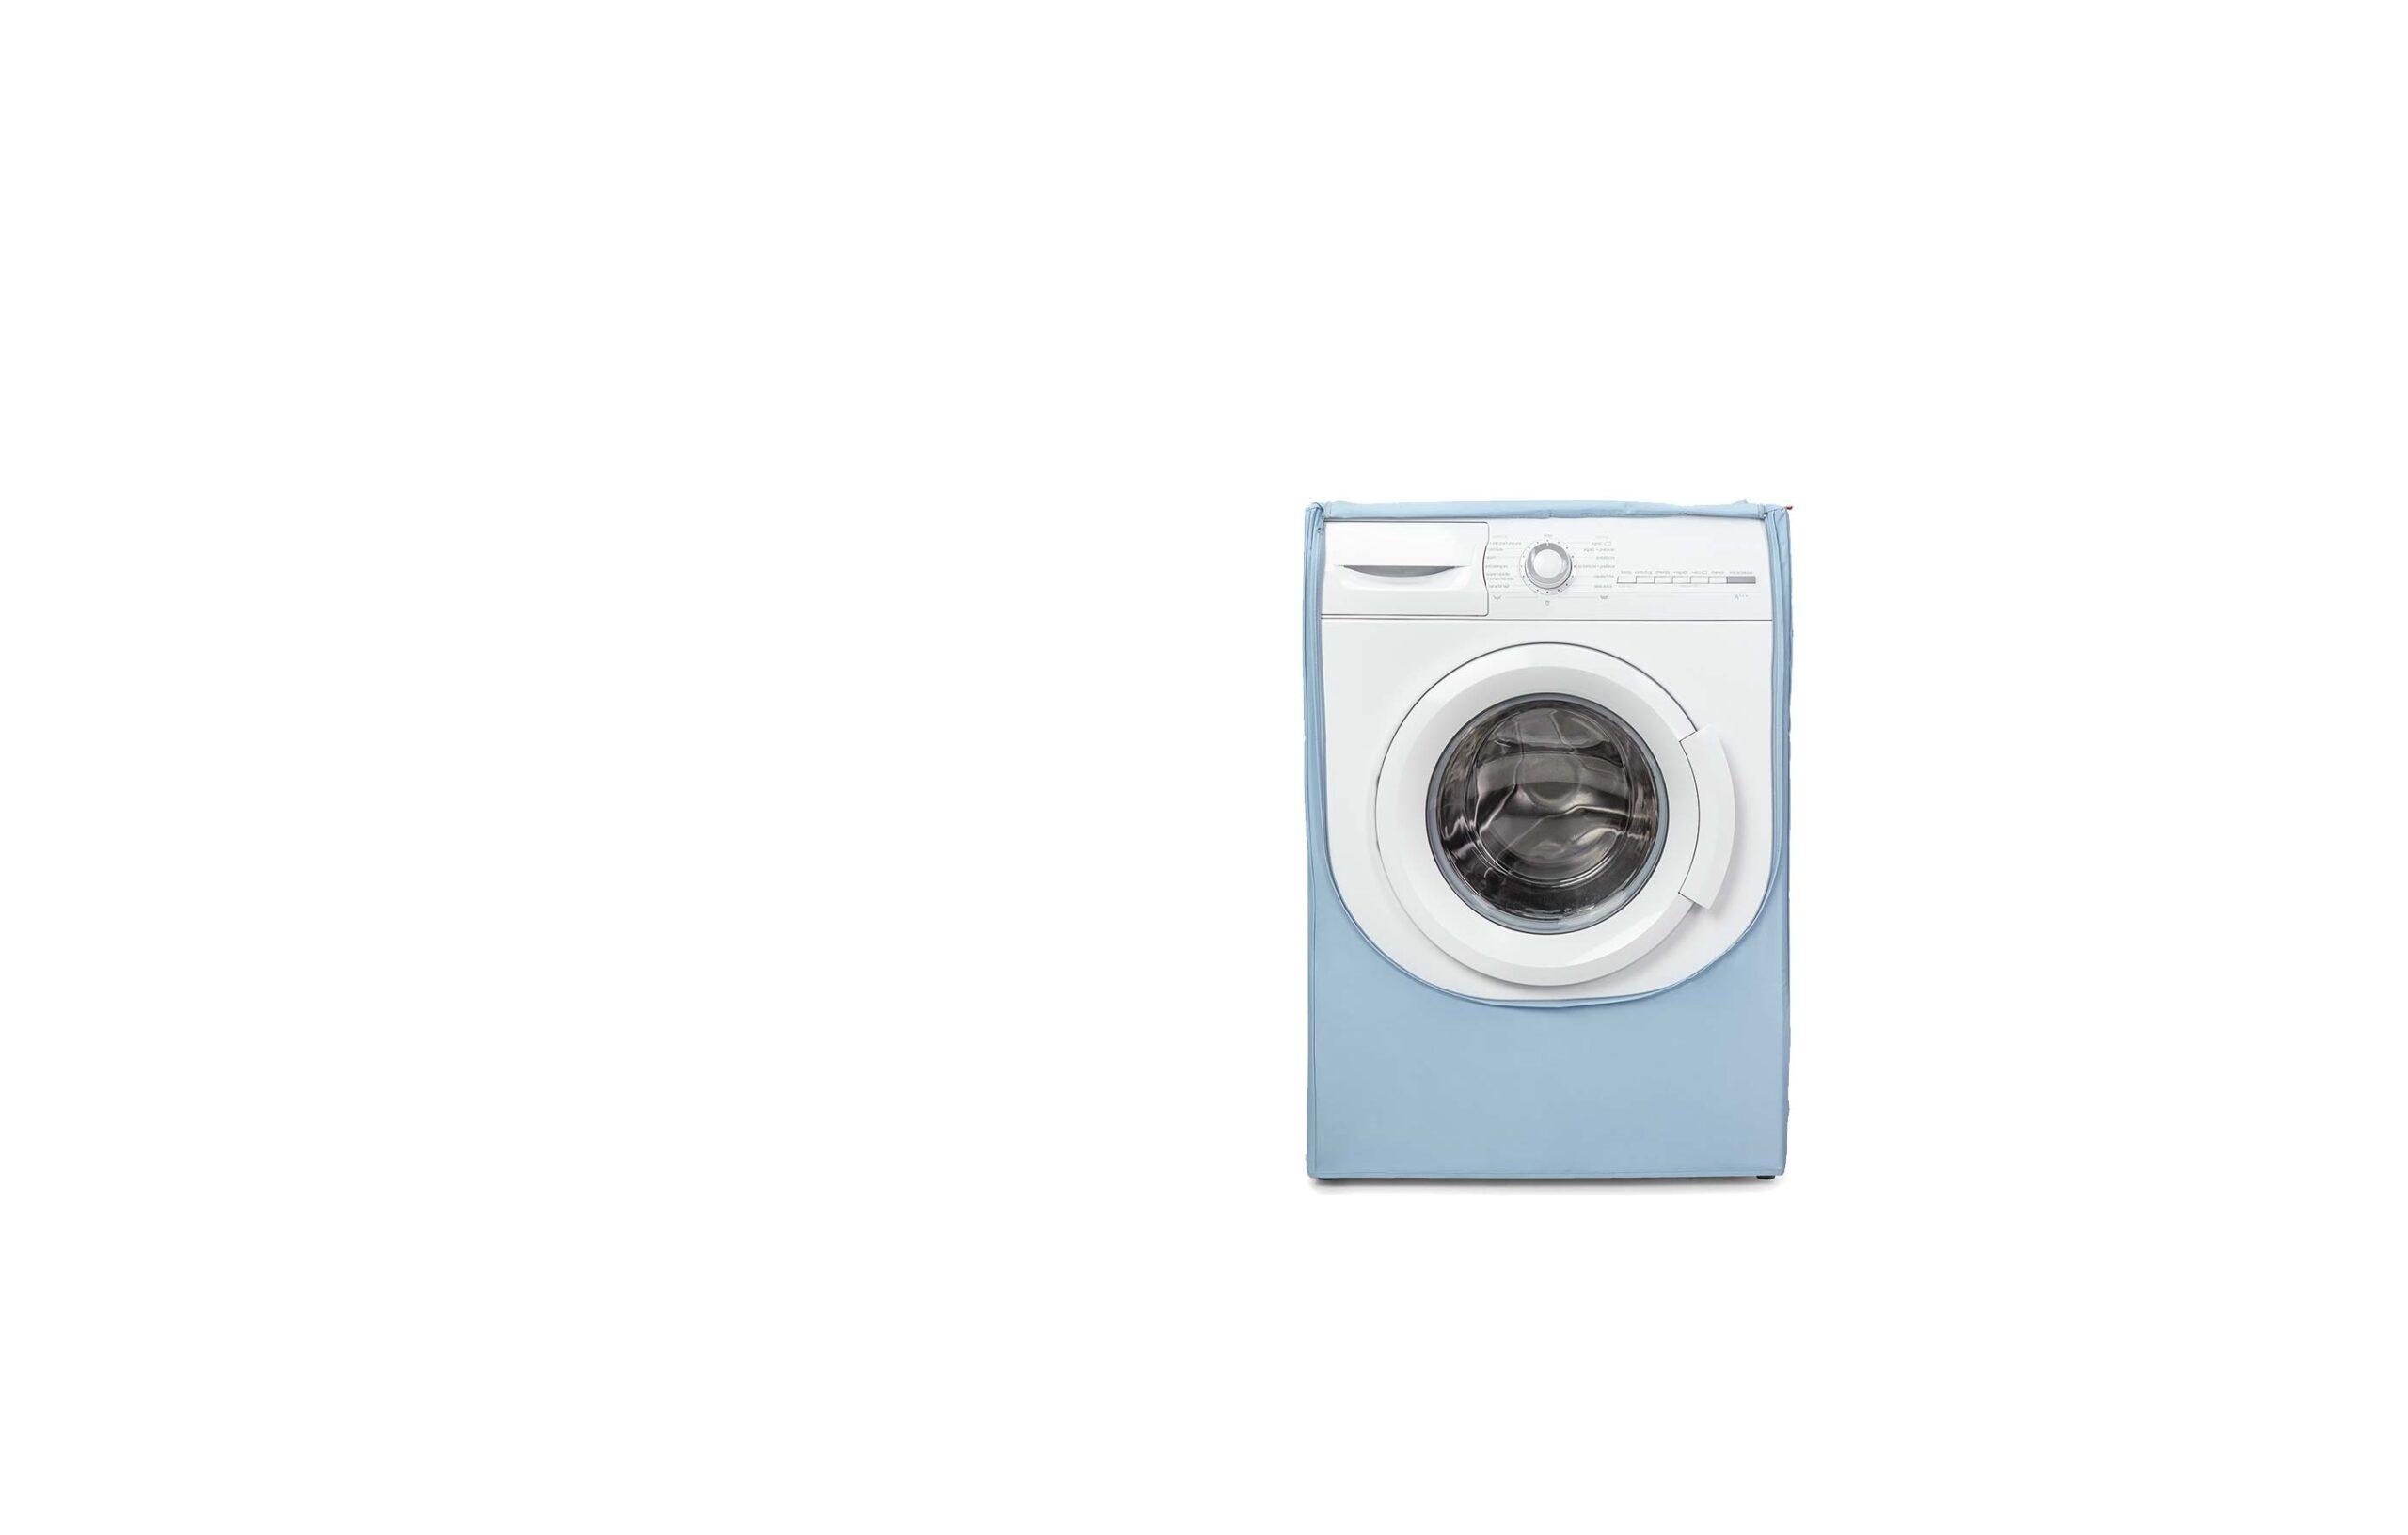 fundas-lavadora-2-scaled fundas-lavadora-2   Rayen.com